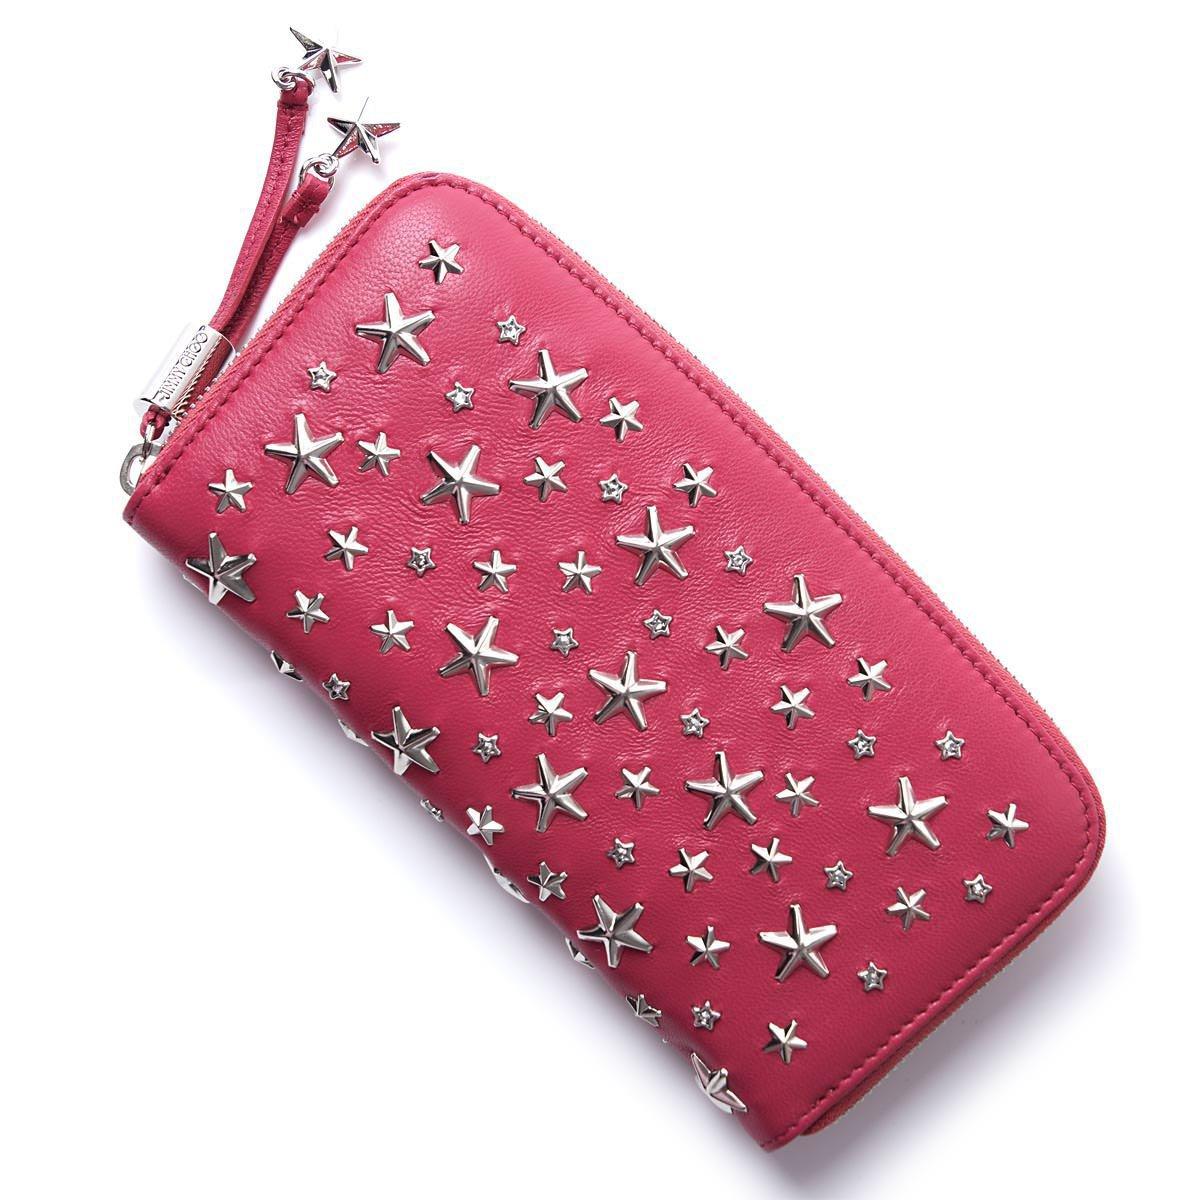 ジミーチュウ 財布 ピンク